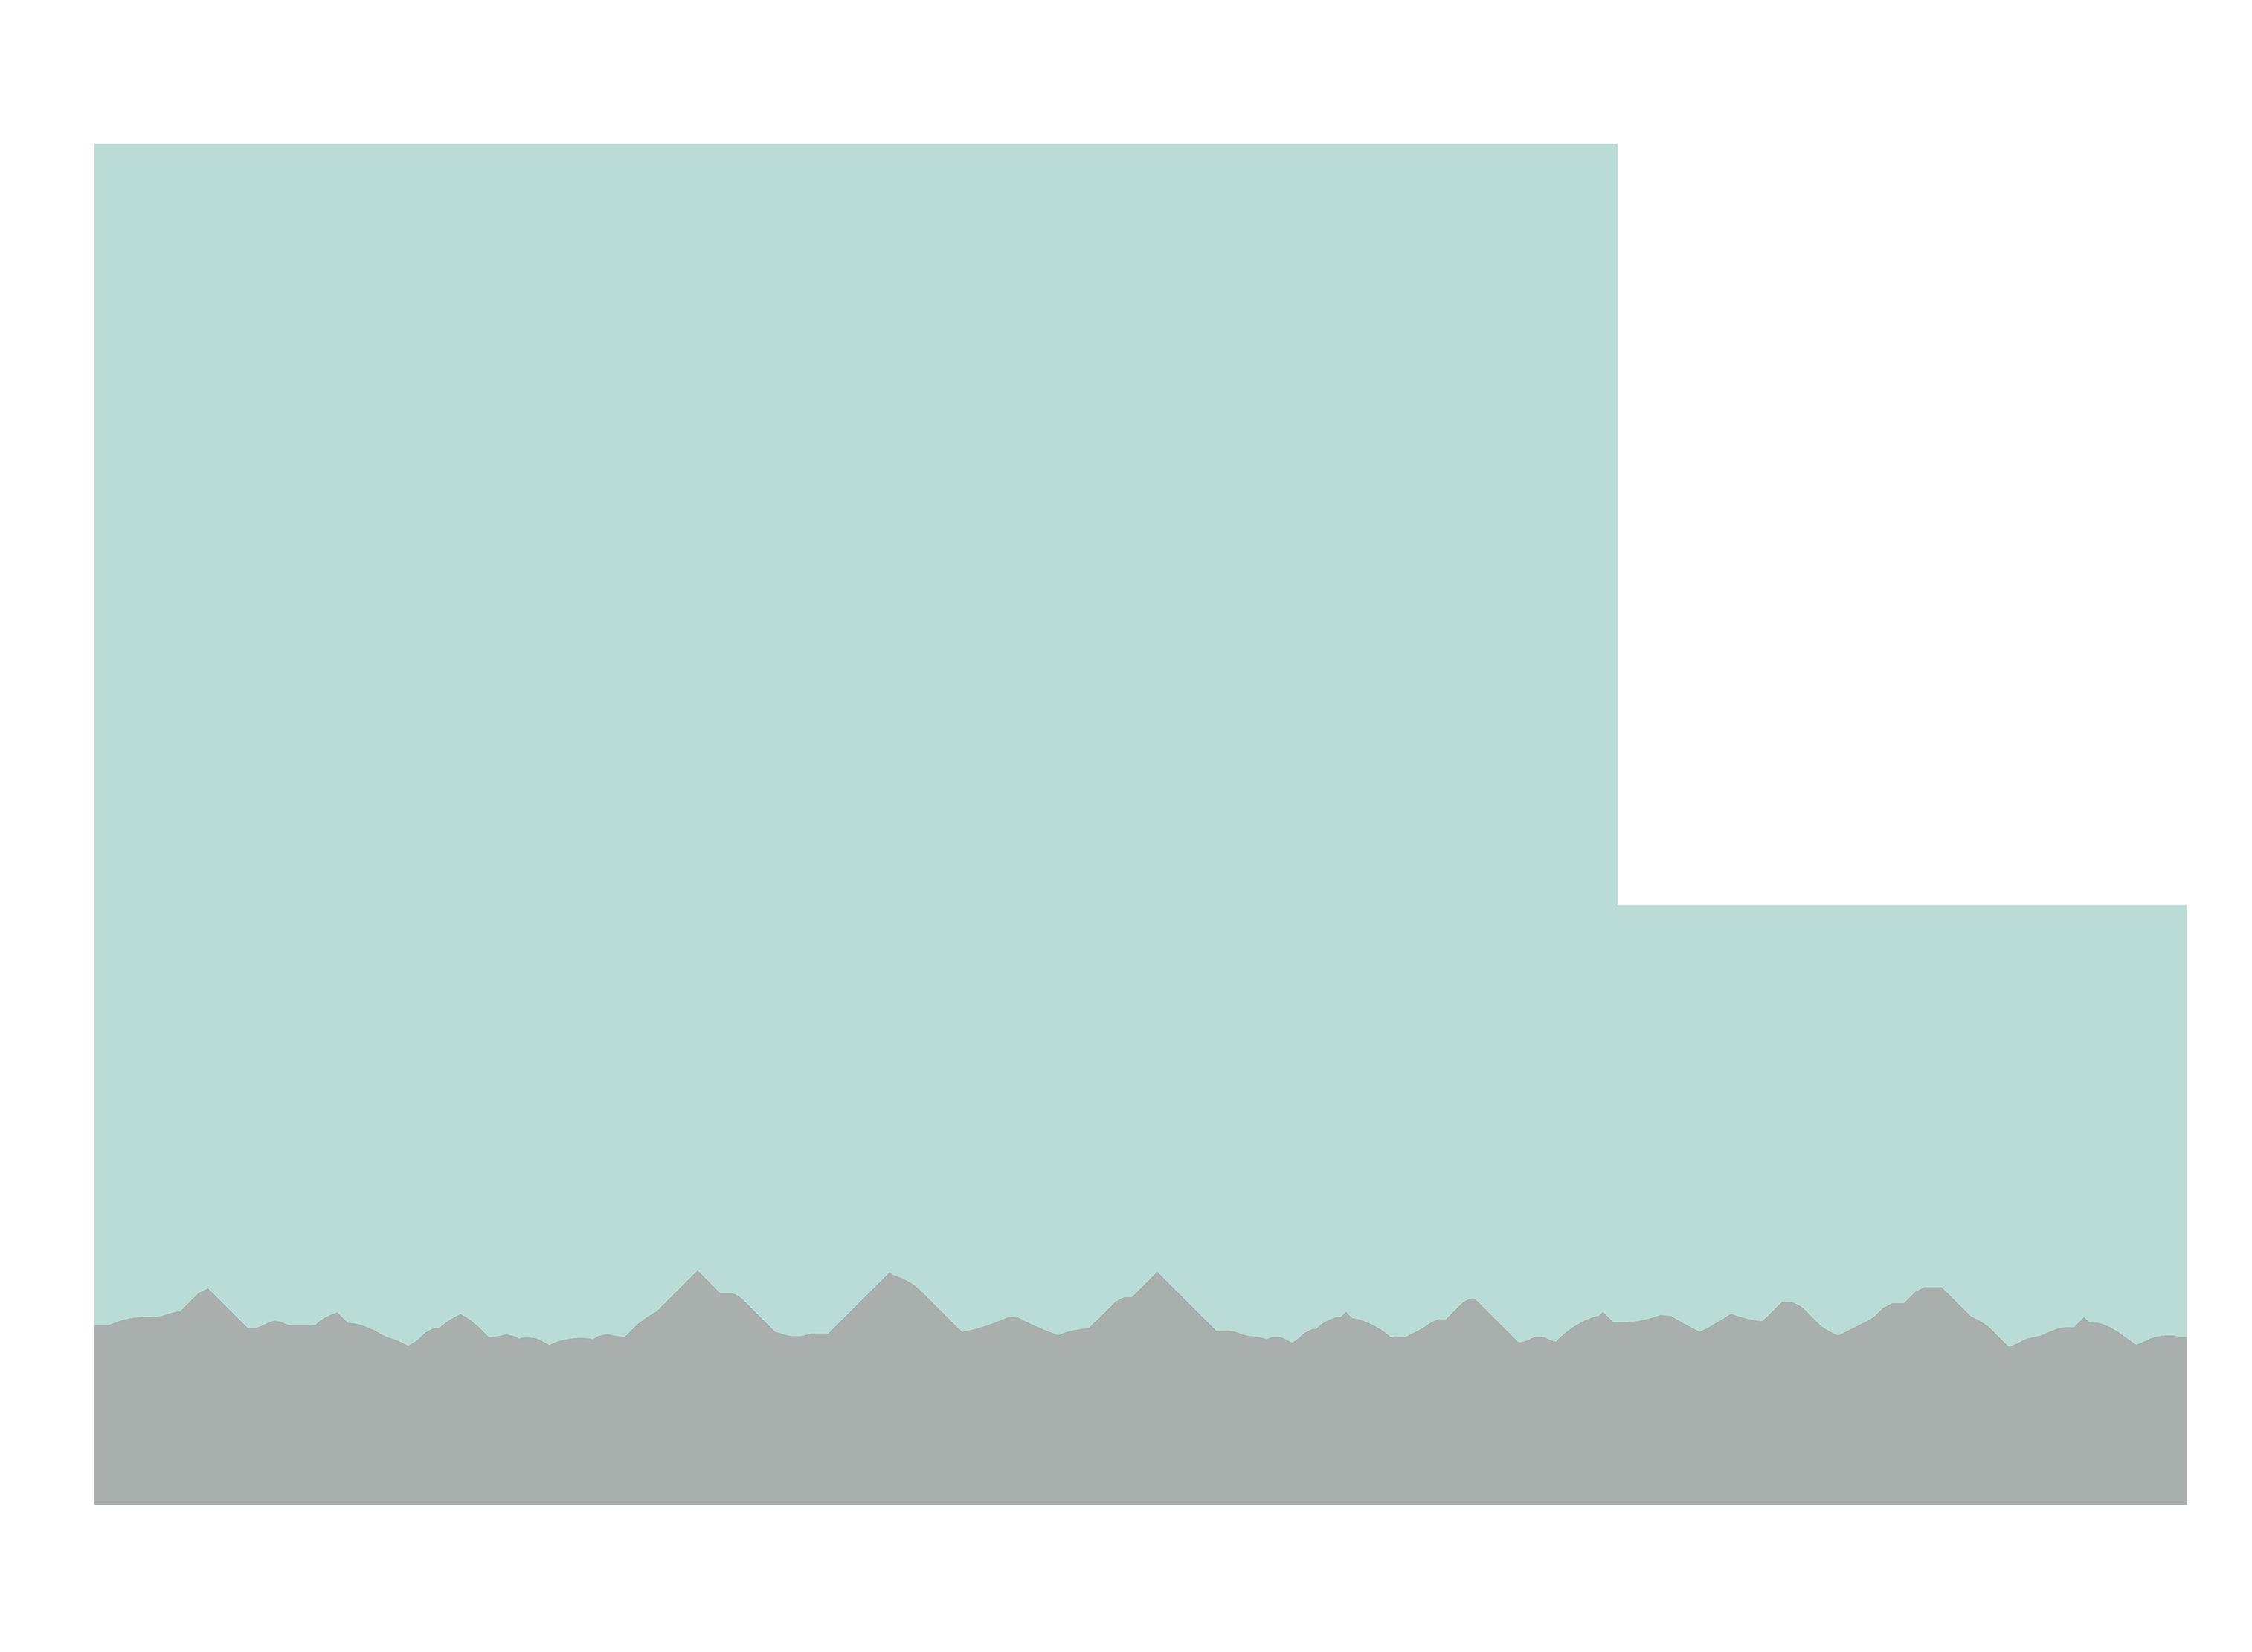 Functional Medicine – Movement Chiropractic & Integrative